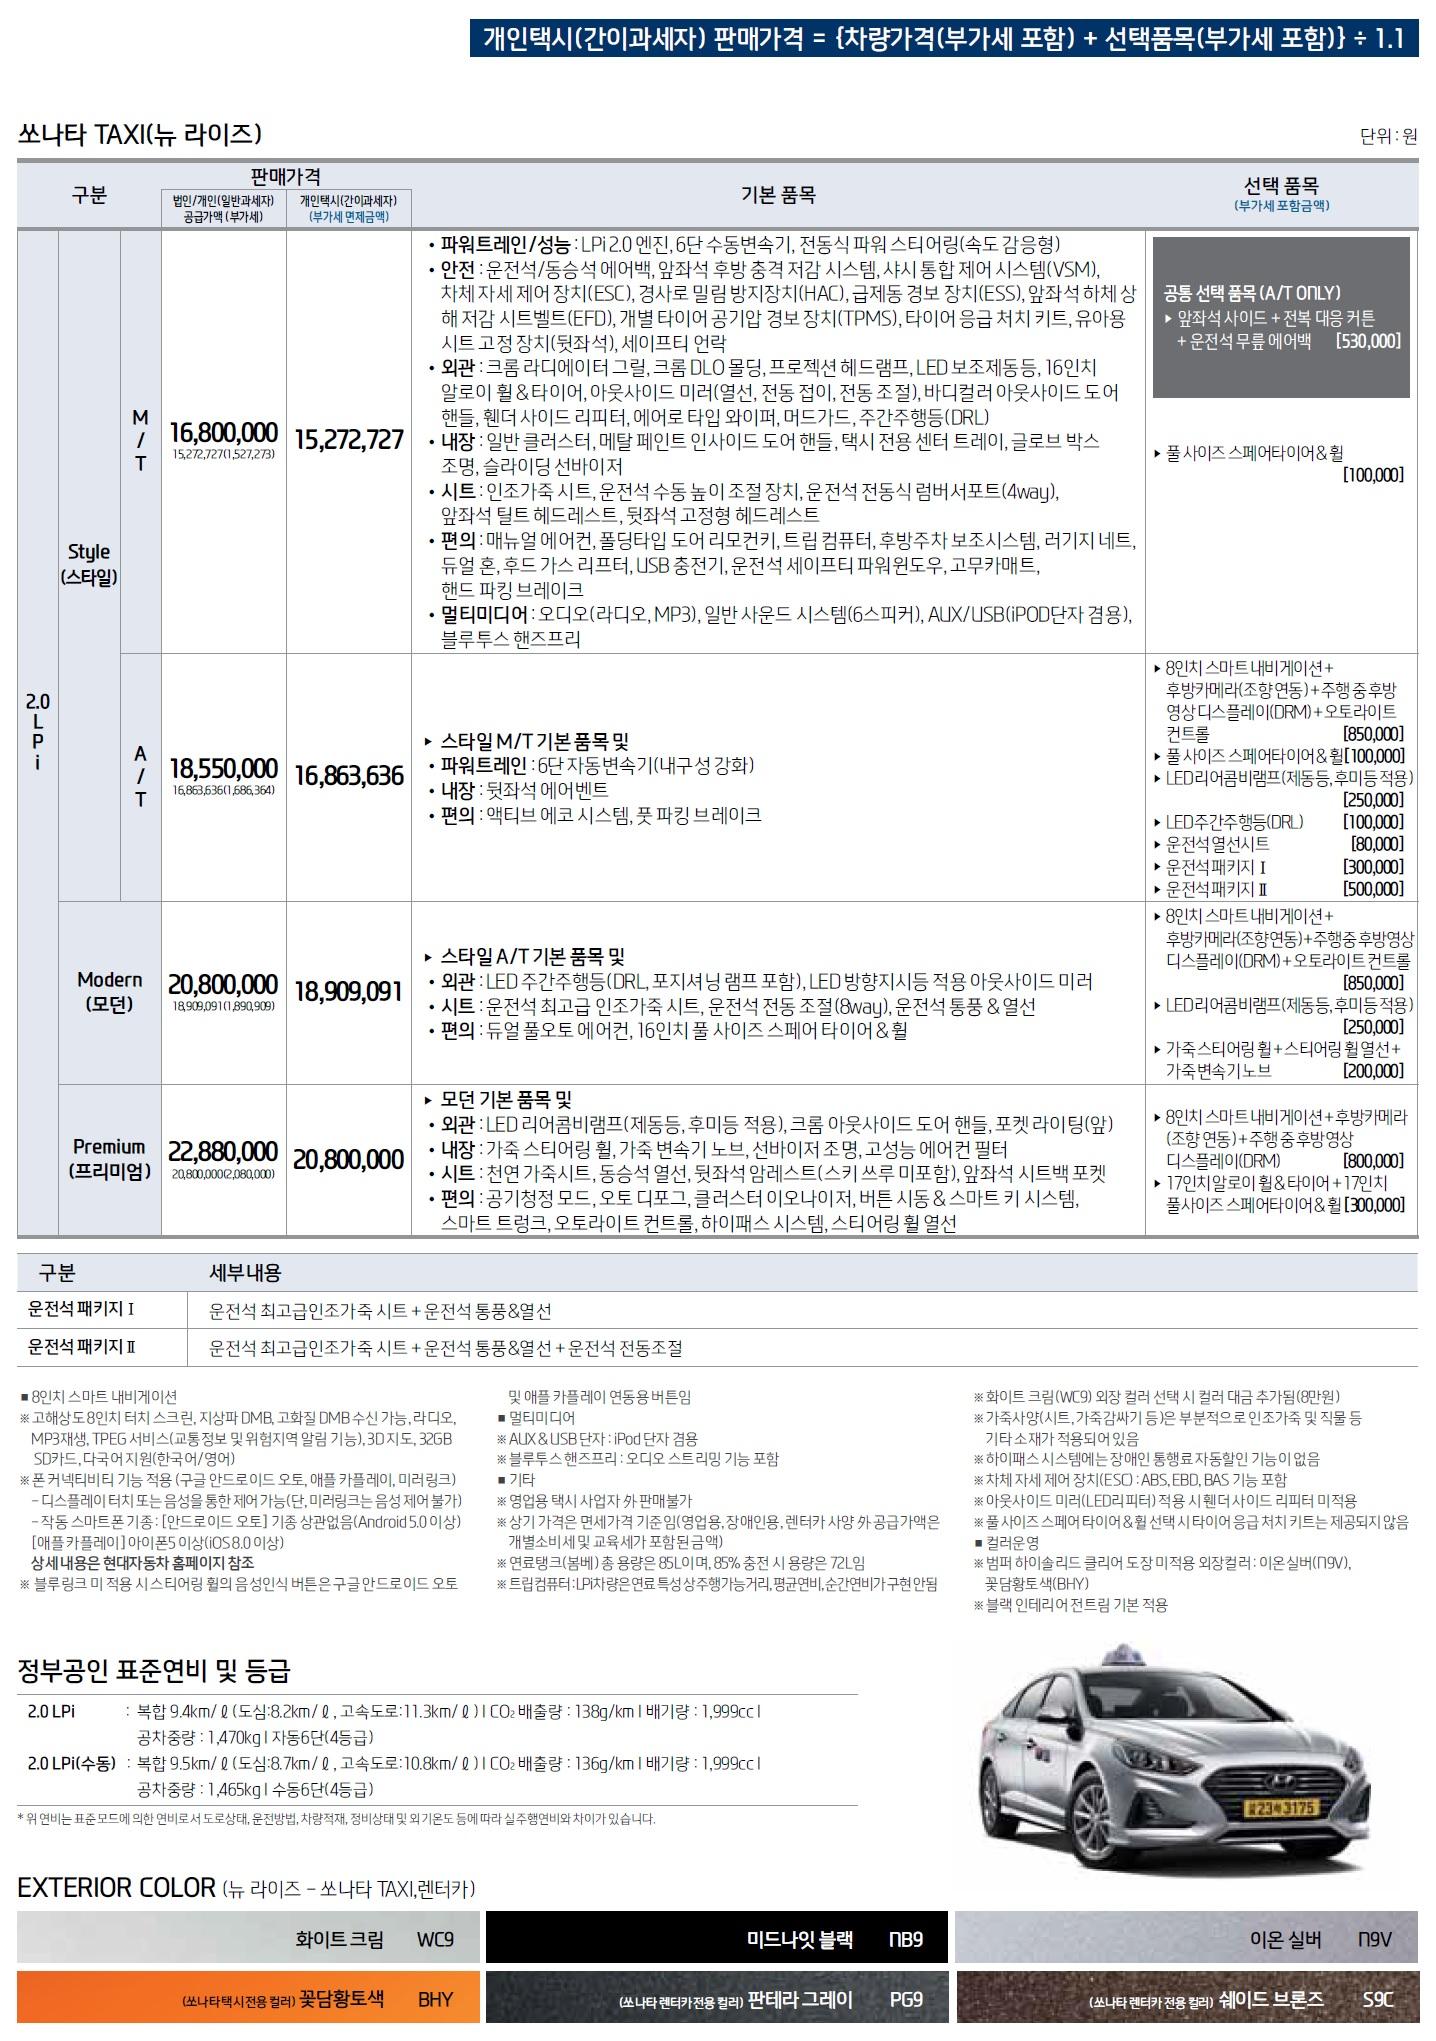 그랜저IG 가격표 - 2019년형 (2018년 10월) -6.jpg